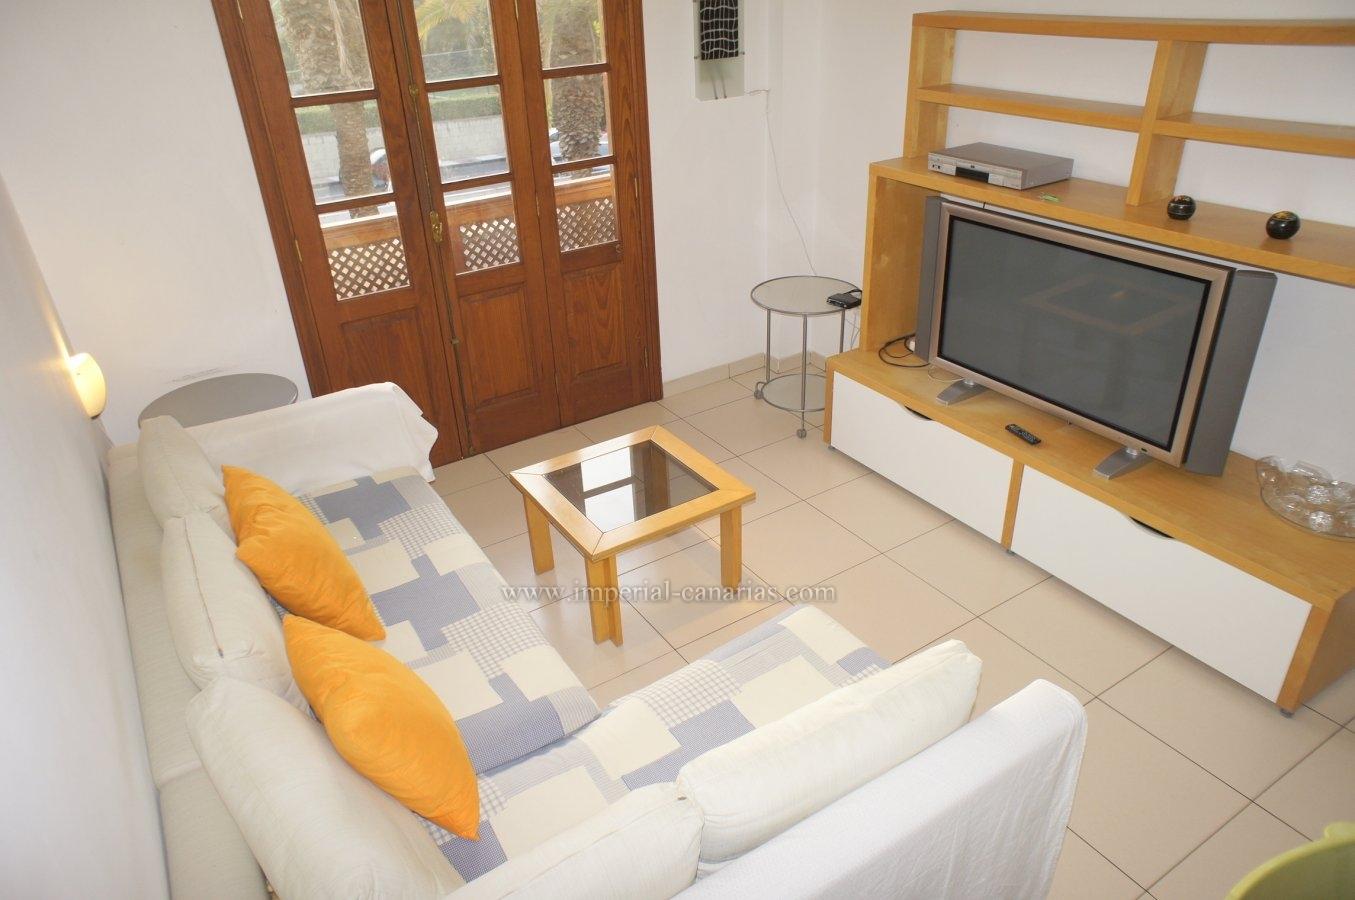 Modernes Apartment mit zwei Schlafzimmern in der Wohngegend von La Paz von Puerto de la Cruz